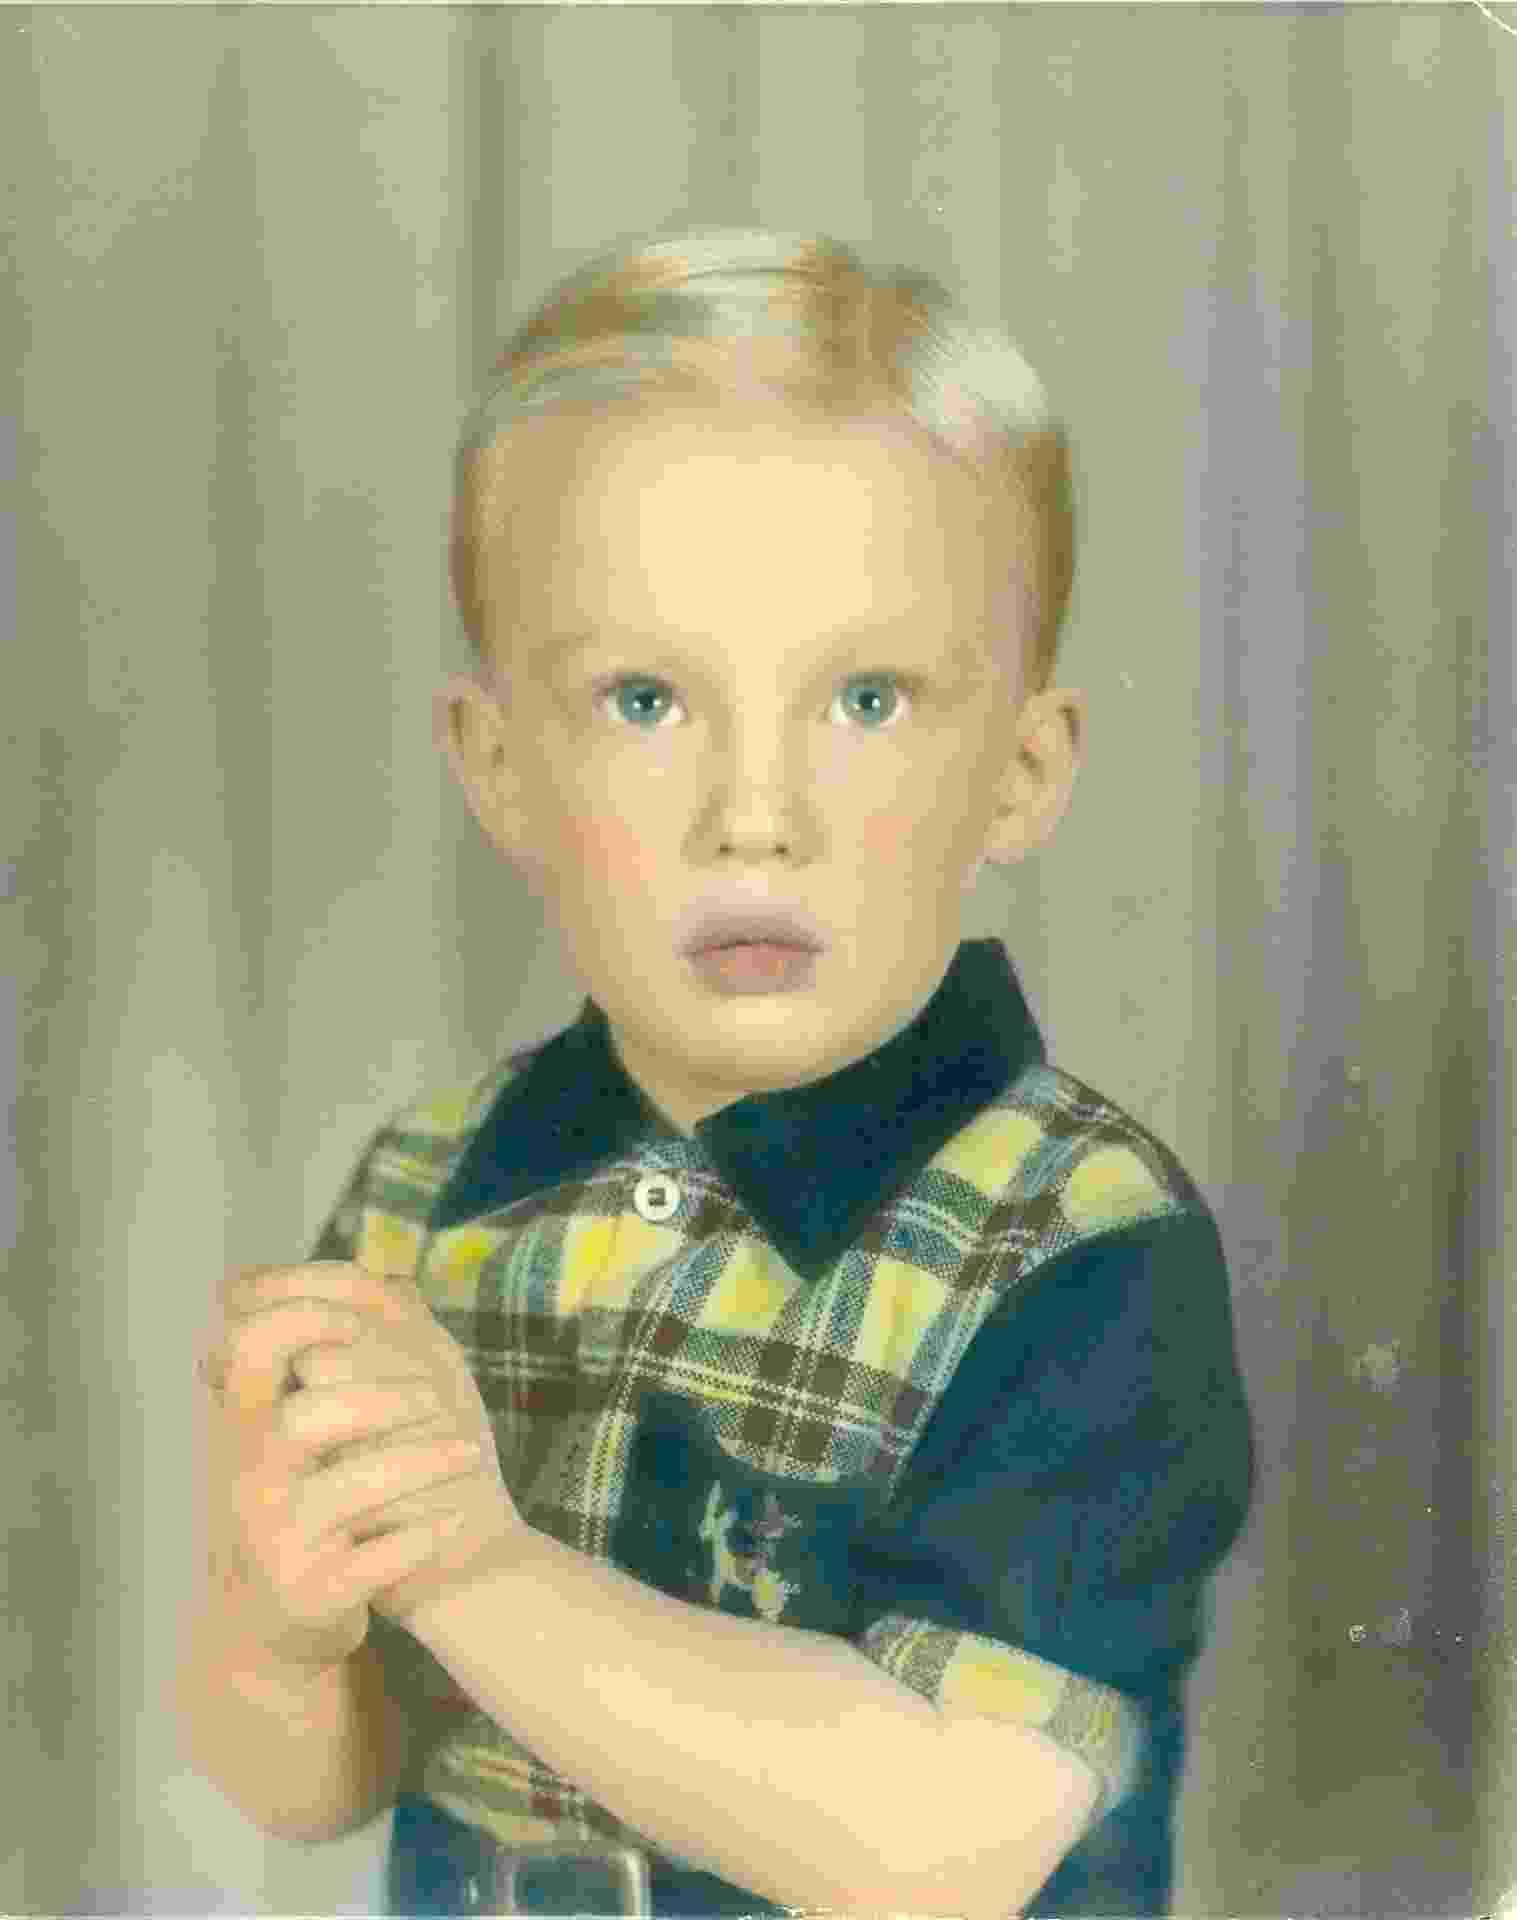 Donald Trump quando criança - Reprodução/Facebook Donald J. Trump